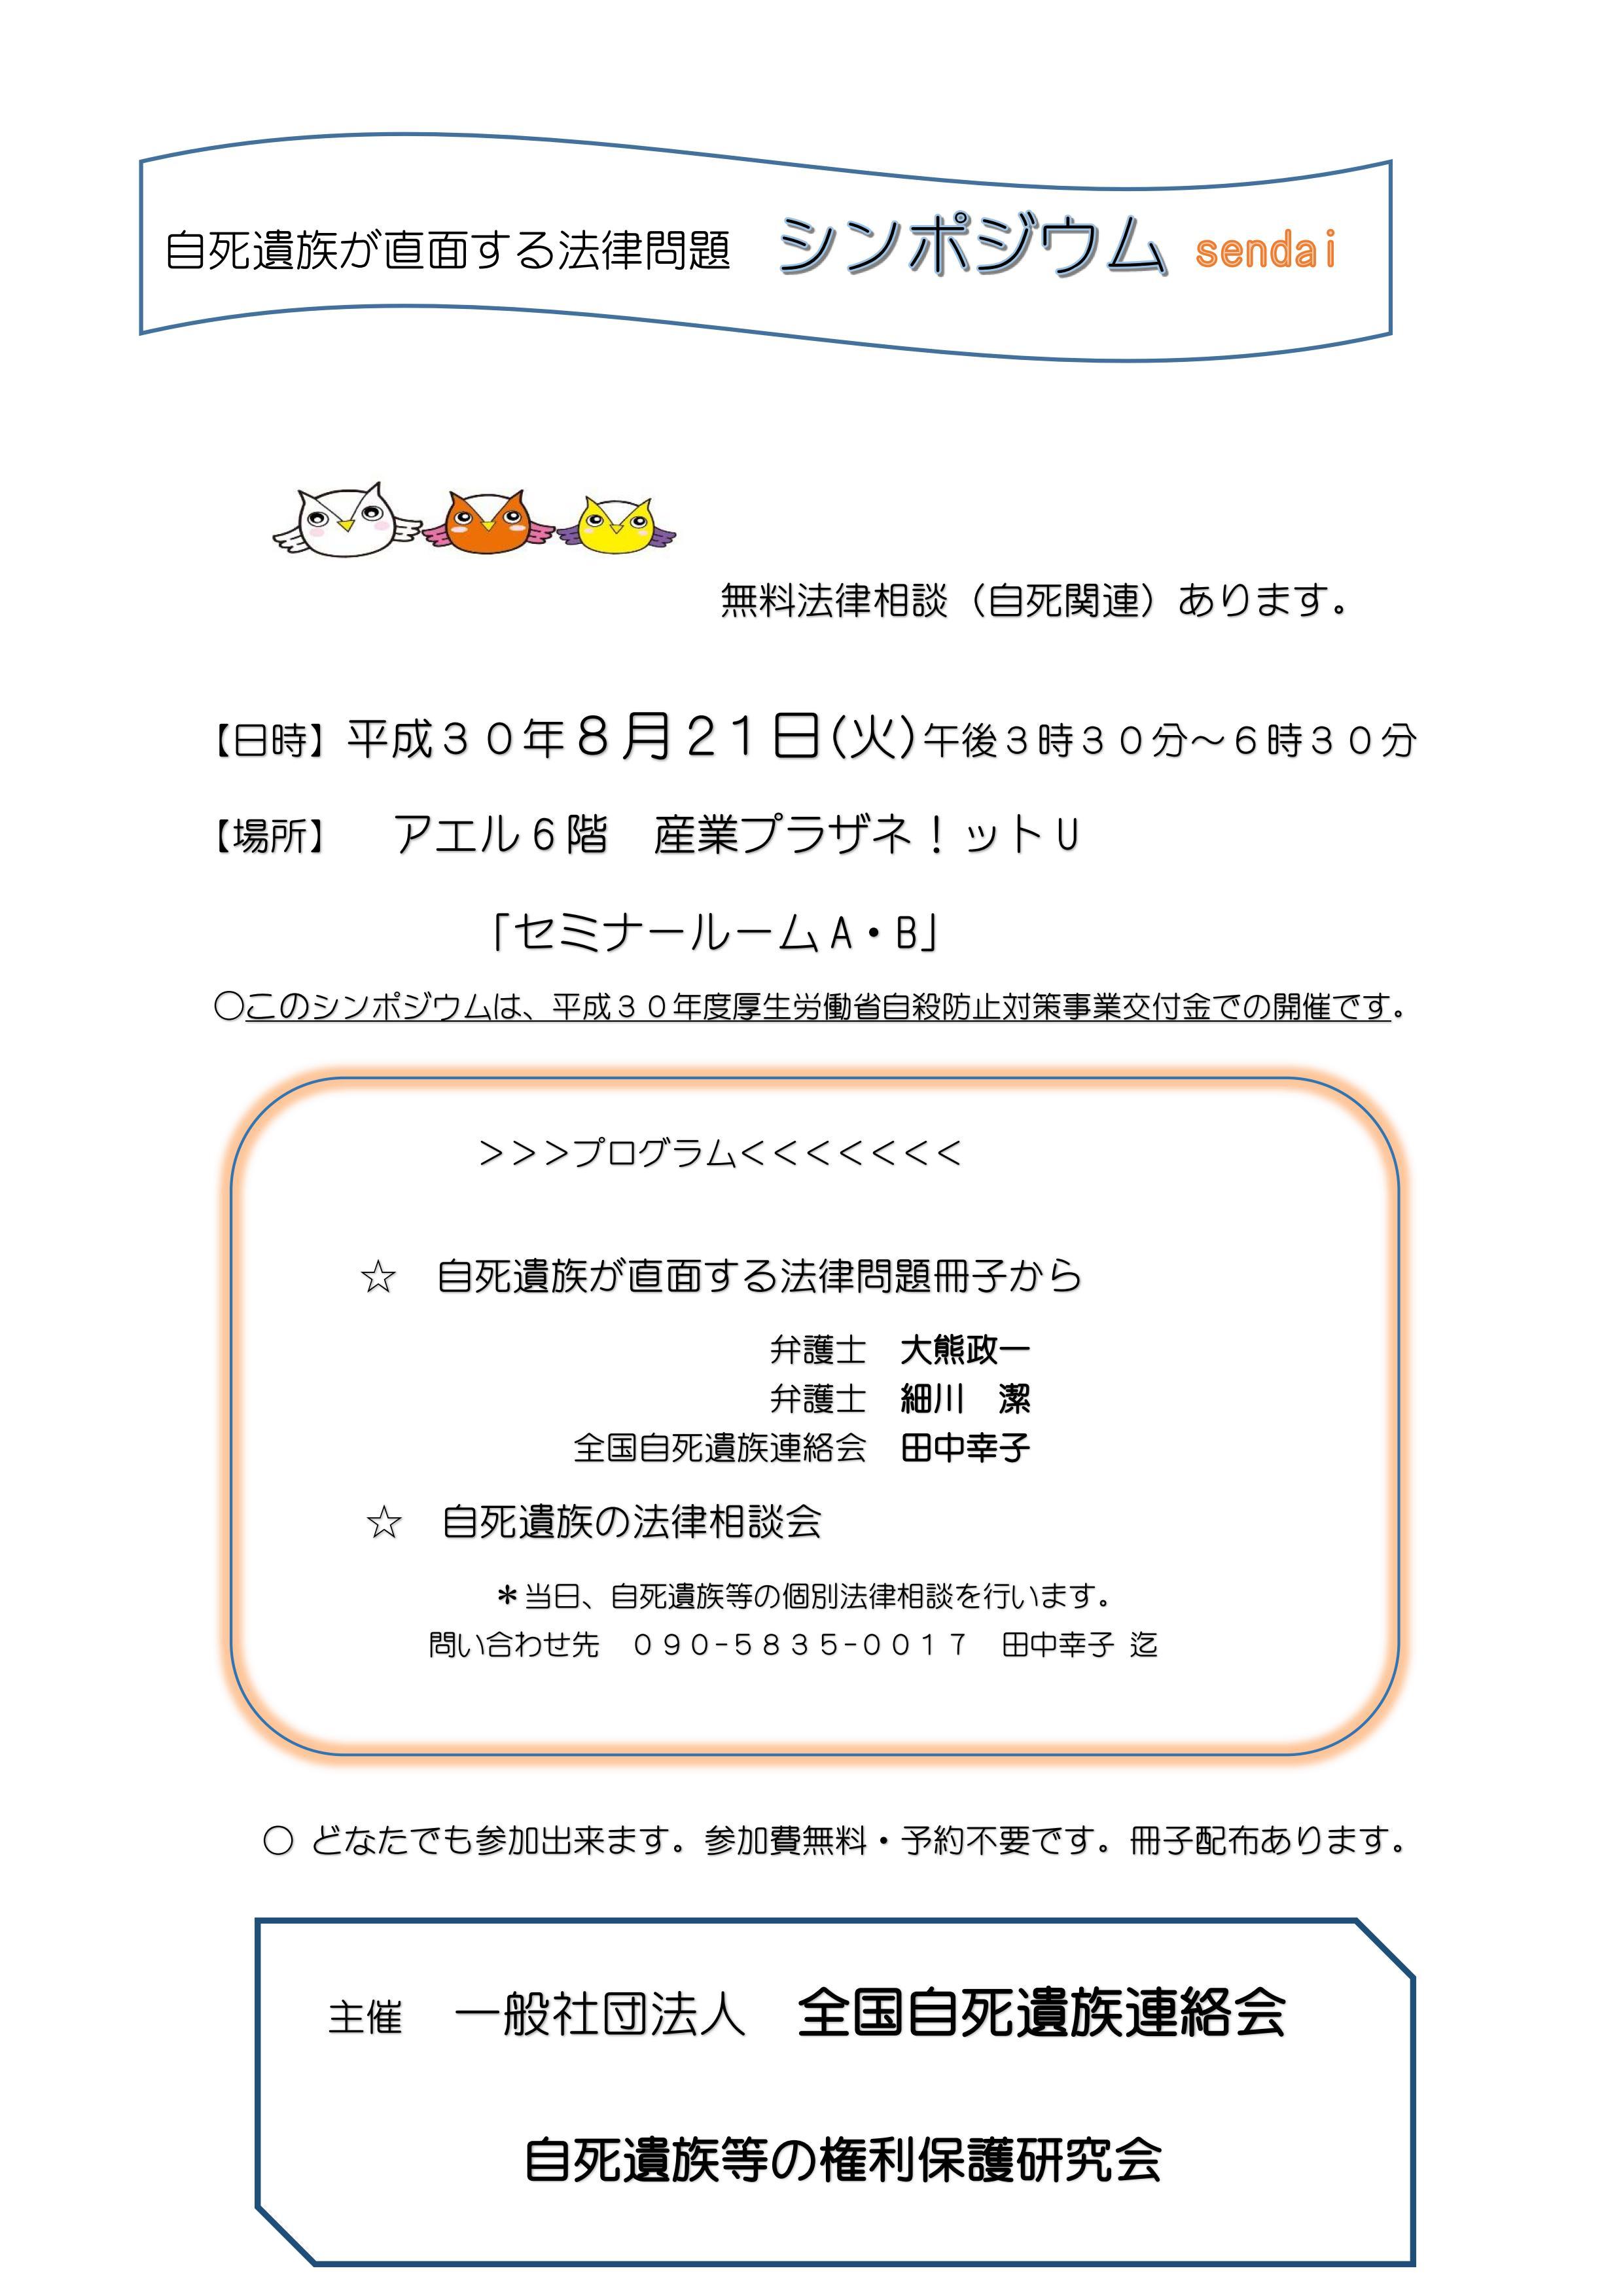 18・8・22自死遺族が直面する法律問題シンポジウム sendai (自動保存済み)_01